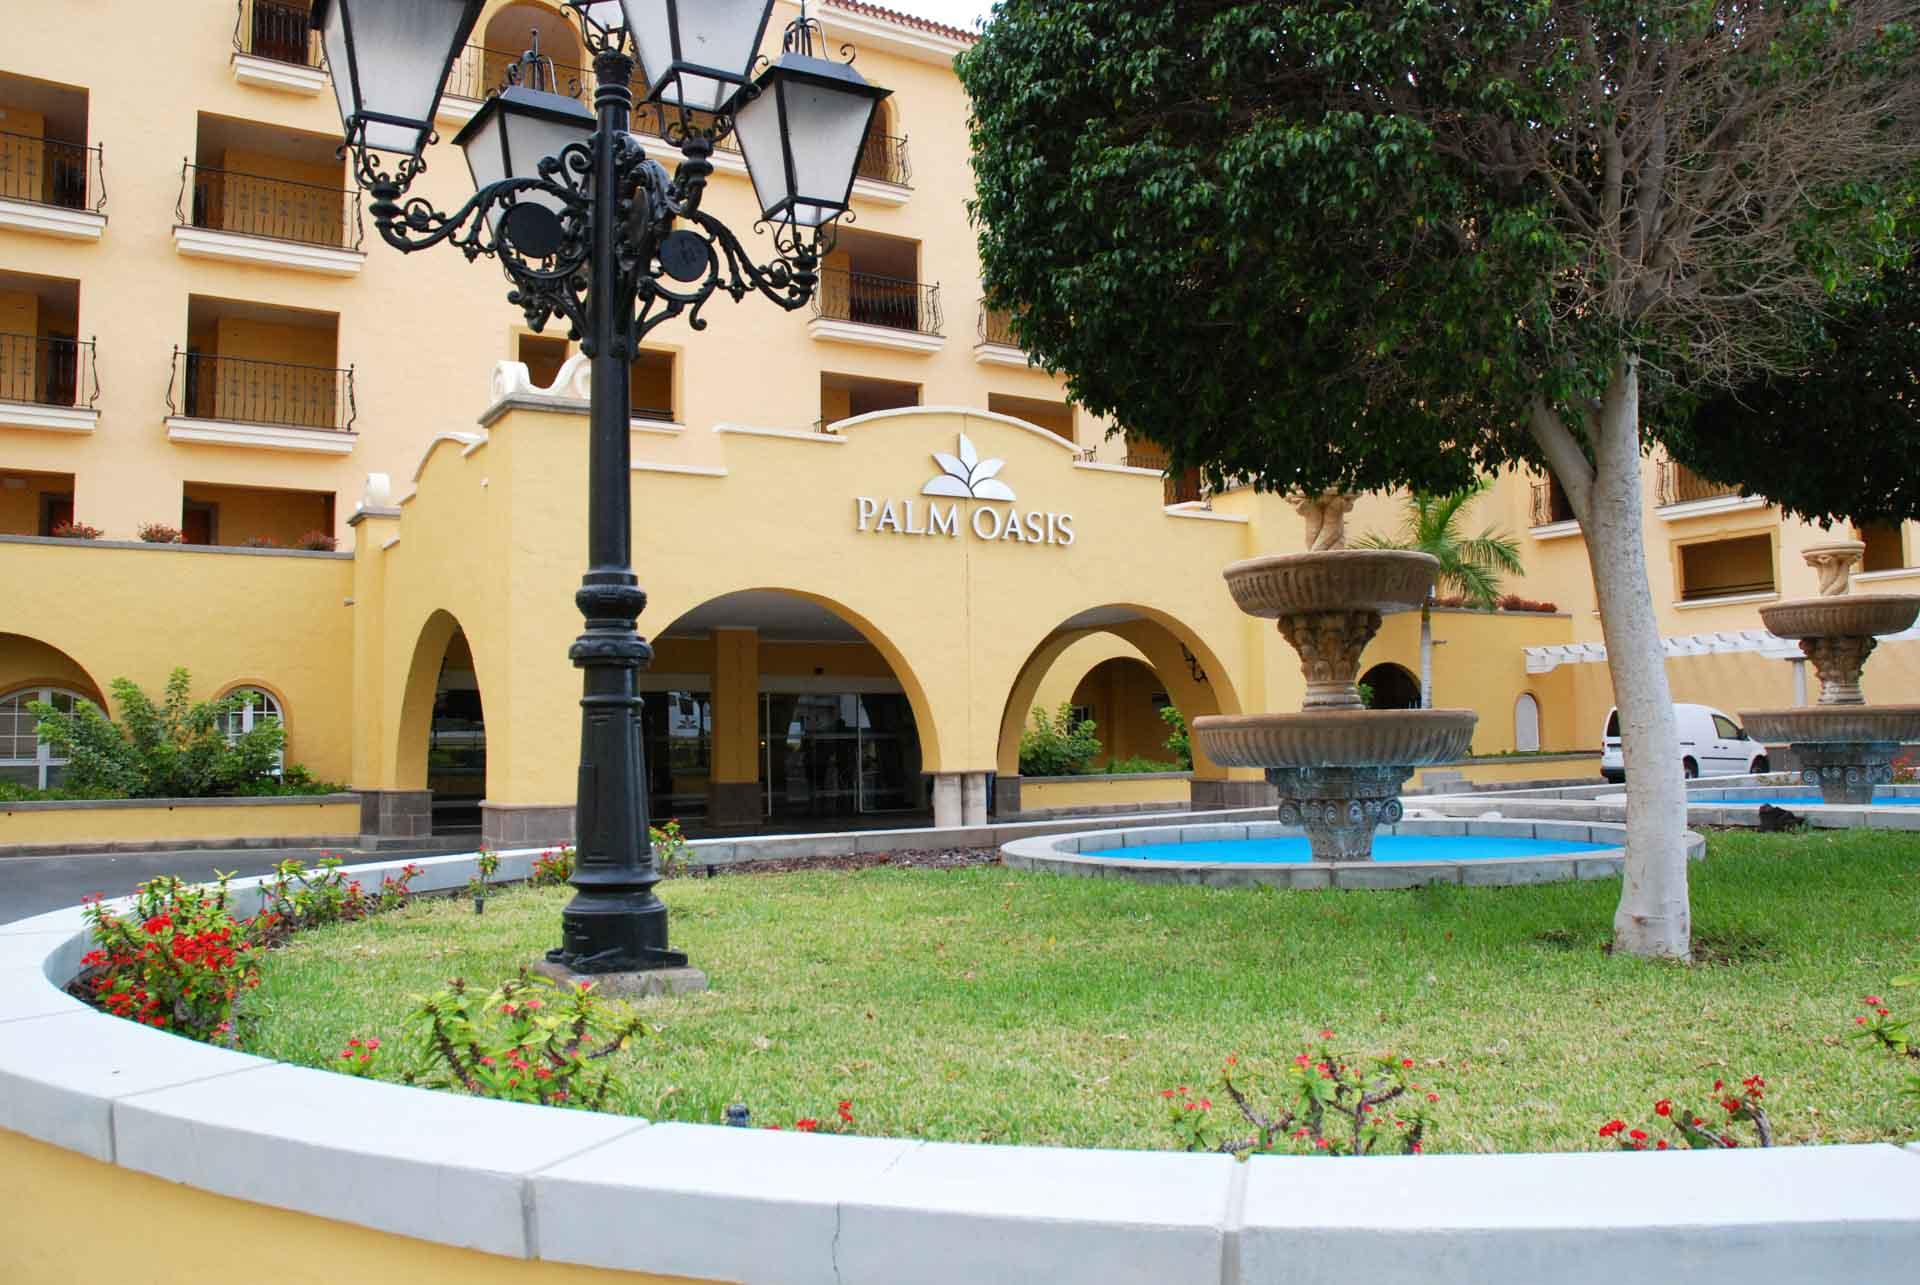 Instalaciones térmicas de aplicación ACS y climatización de piscina en Hotel Palm Oasis